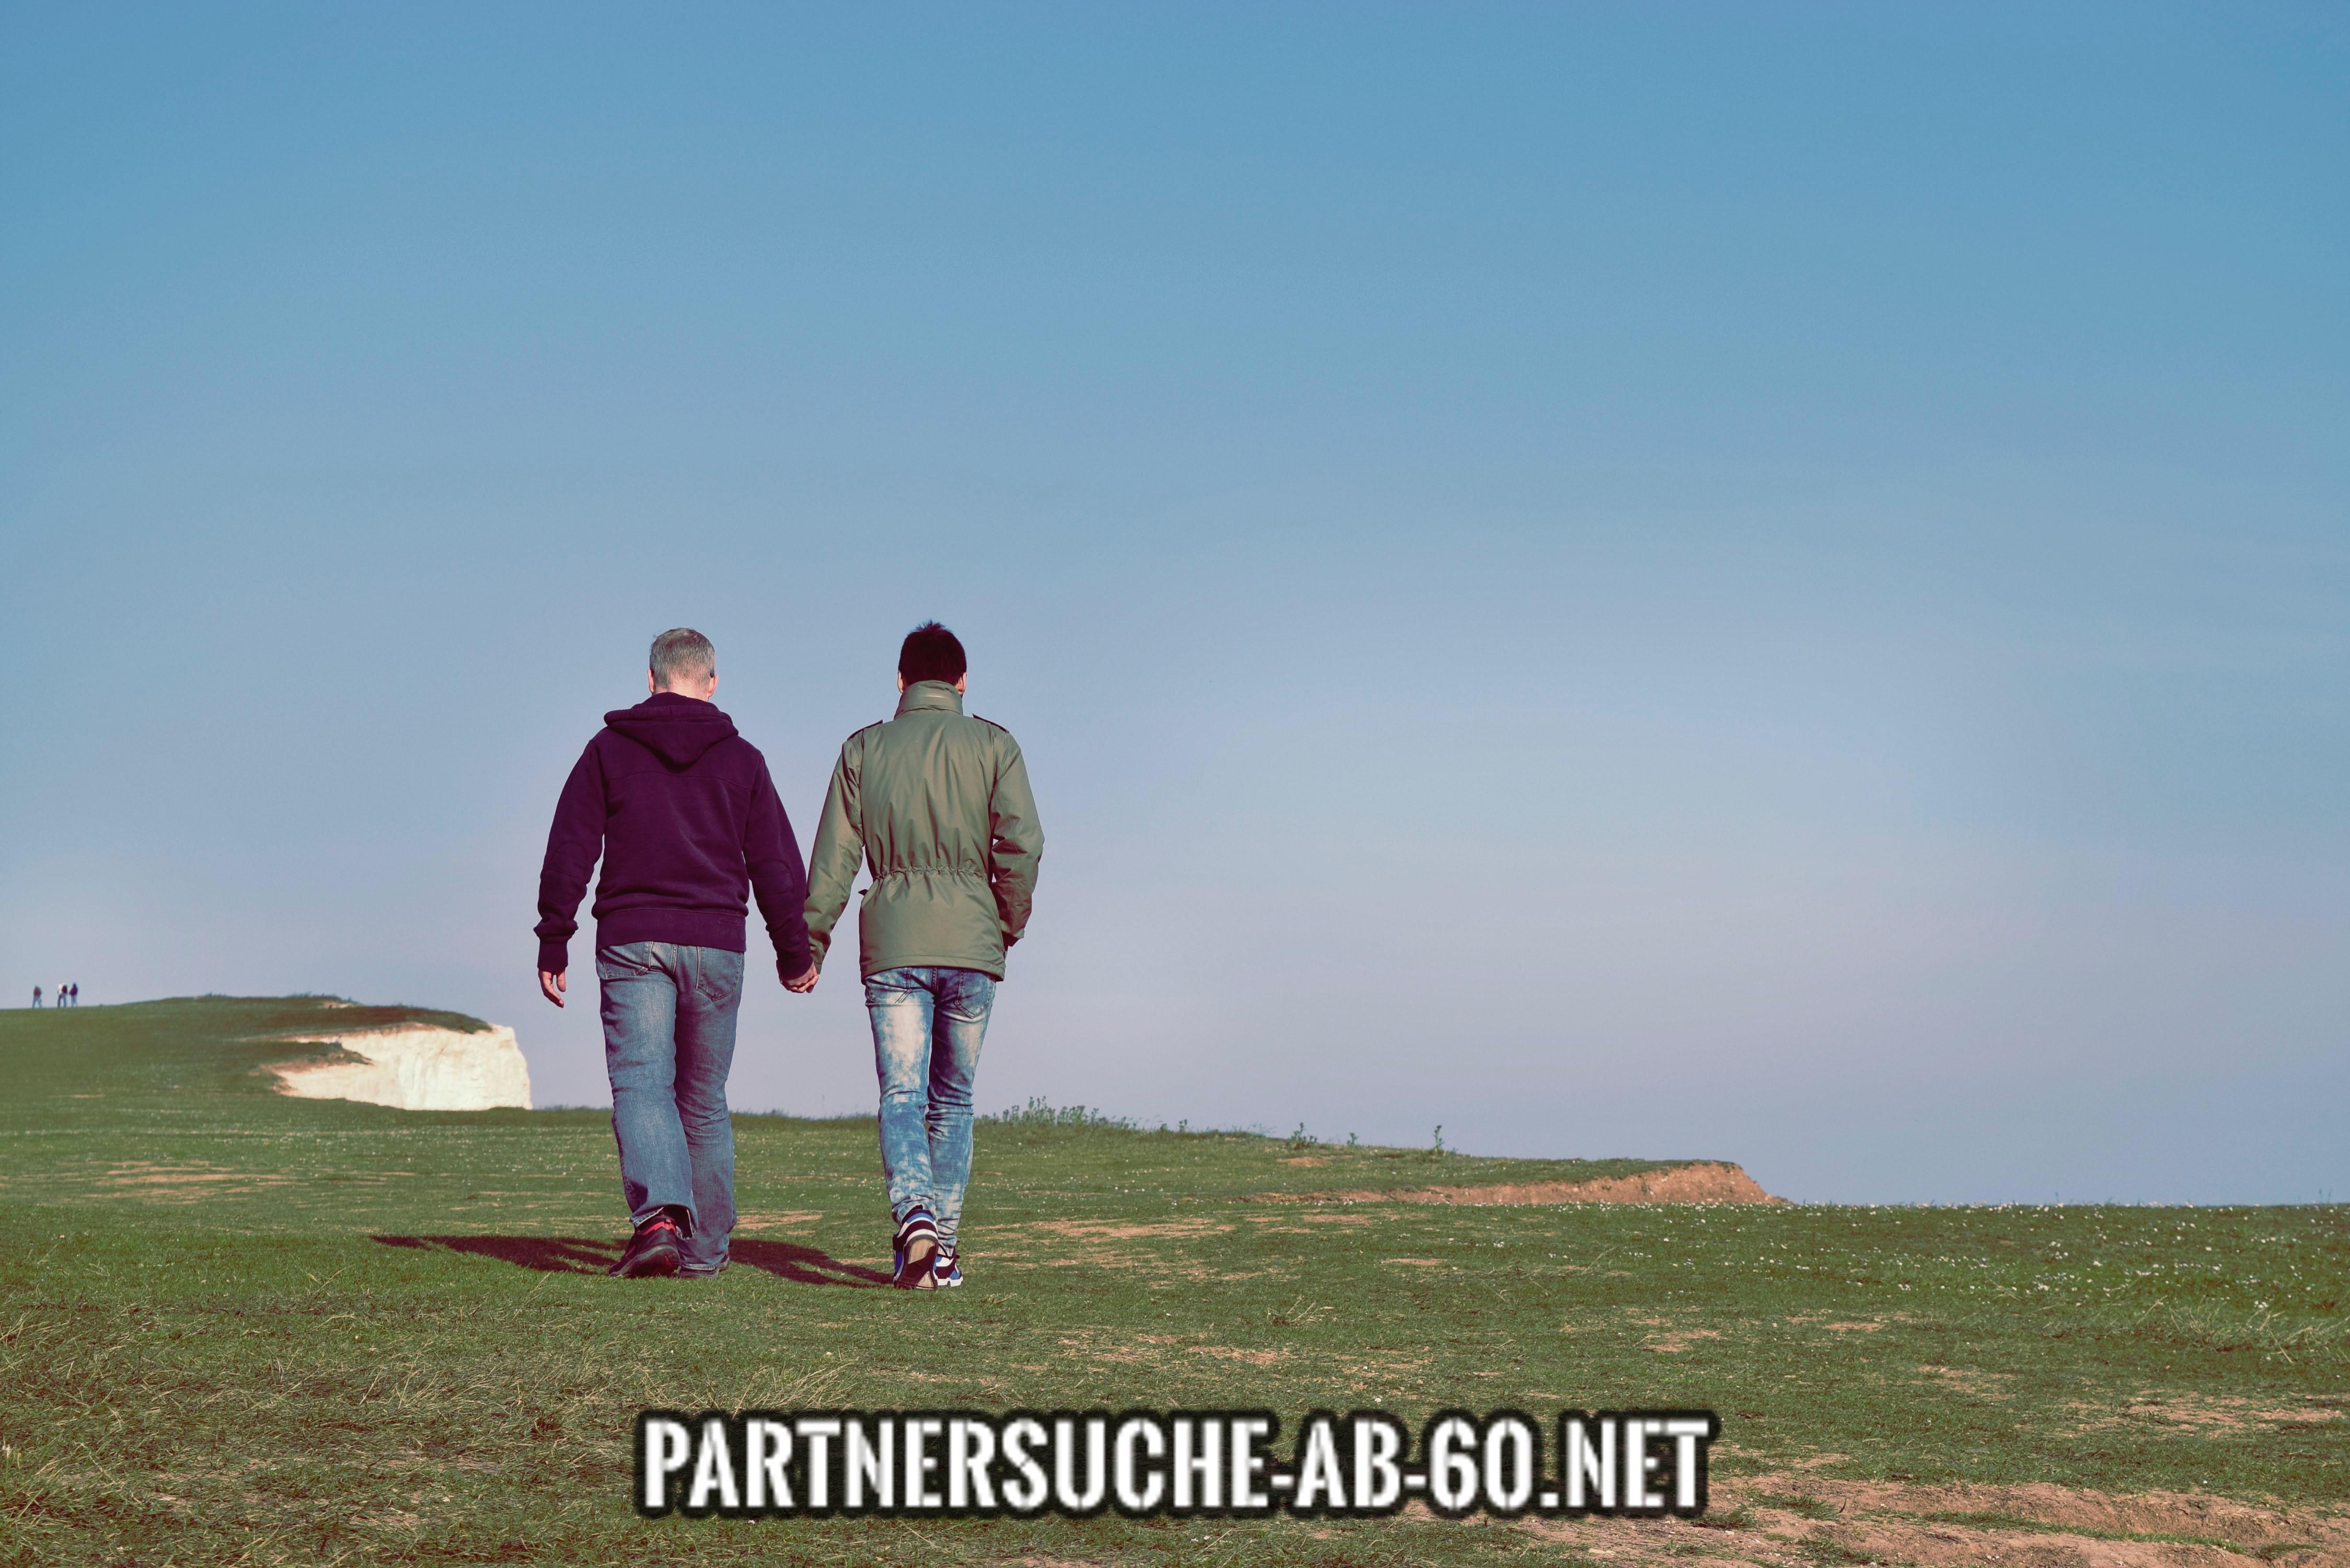 Partnersuche Mann sucht Mann